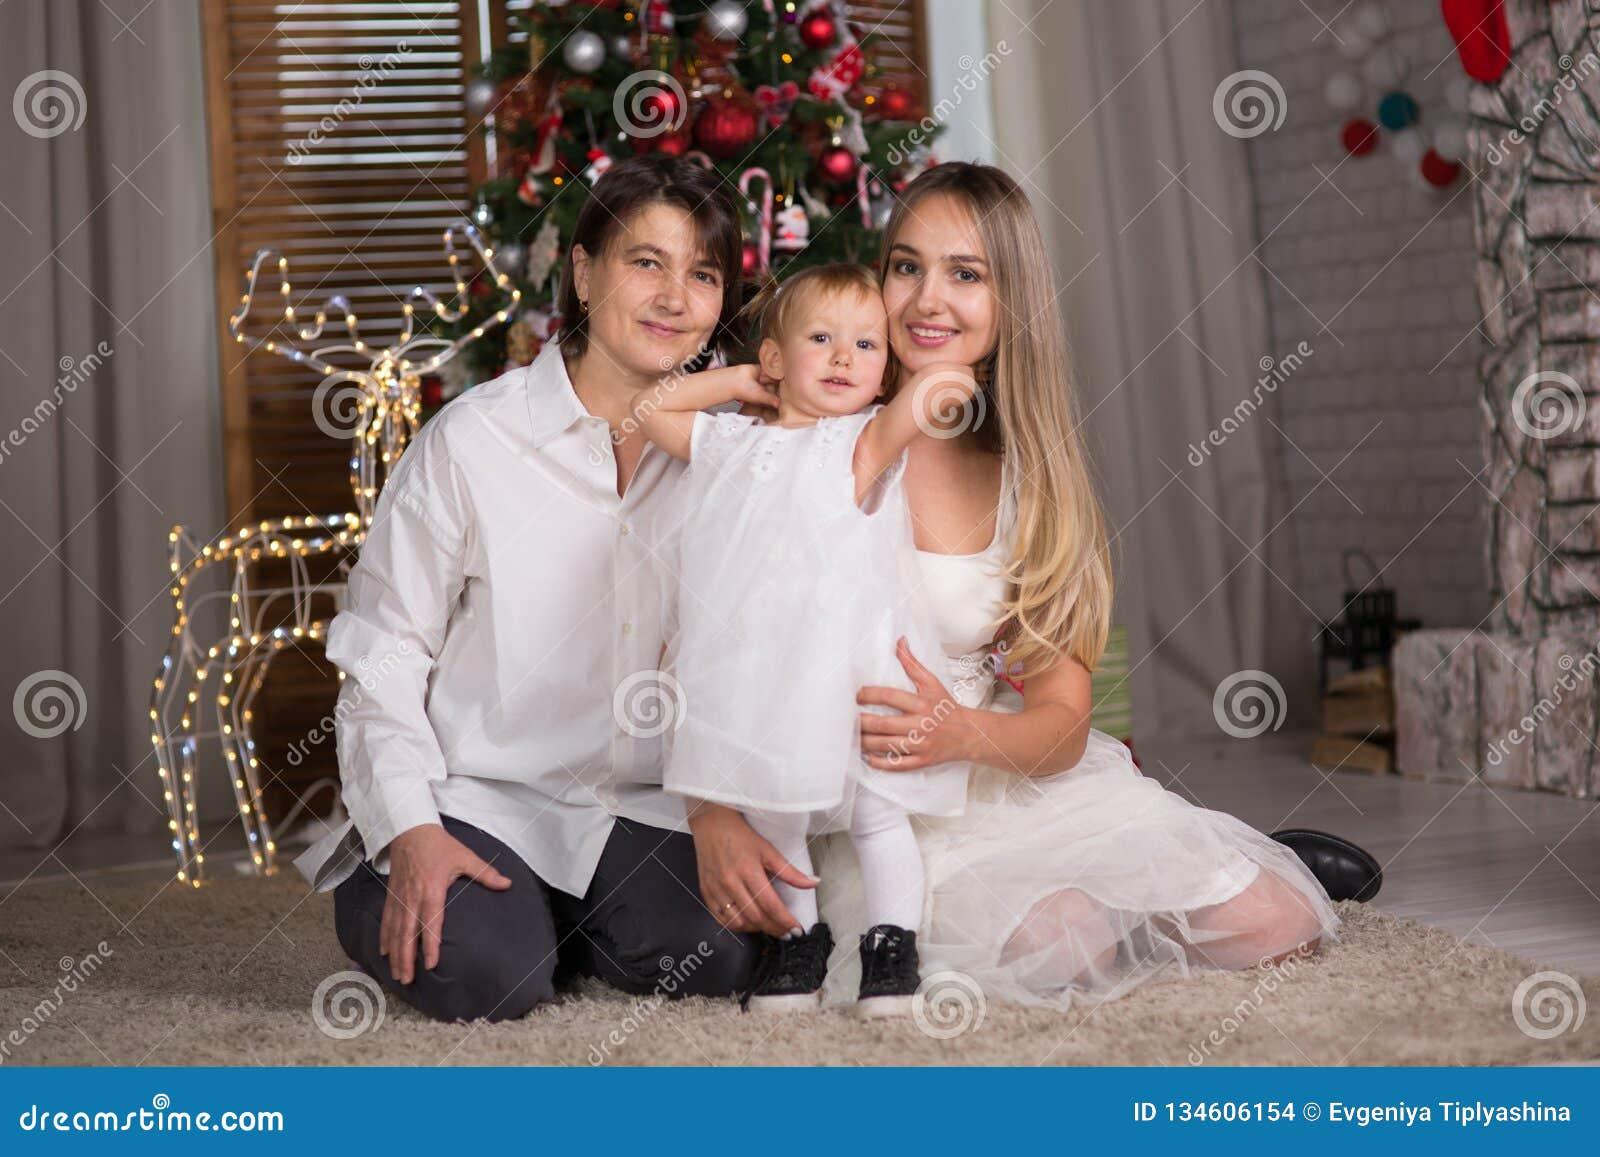 Μια οικογένεια με ένα μωρό κάθεται το κάθισμα κοντά στο χριστουγεννιάτικο δέντρο